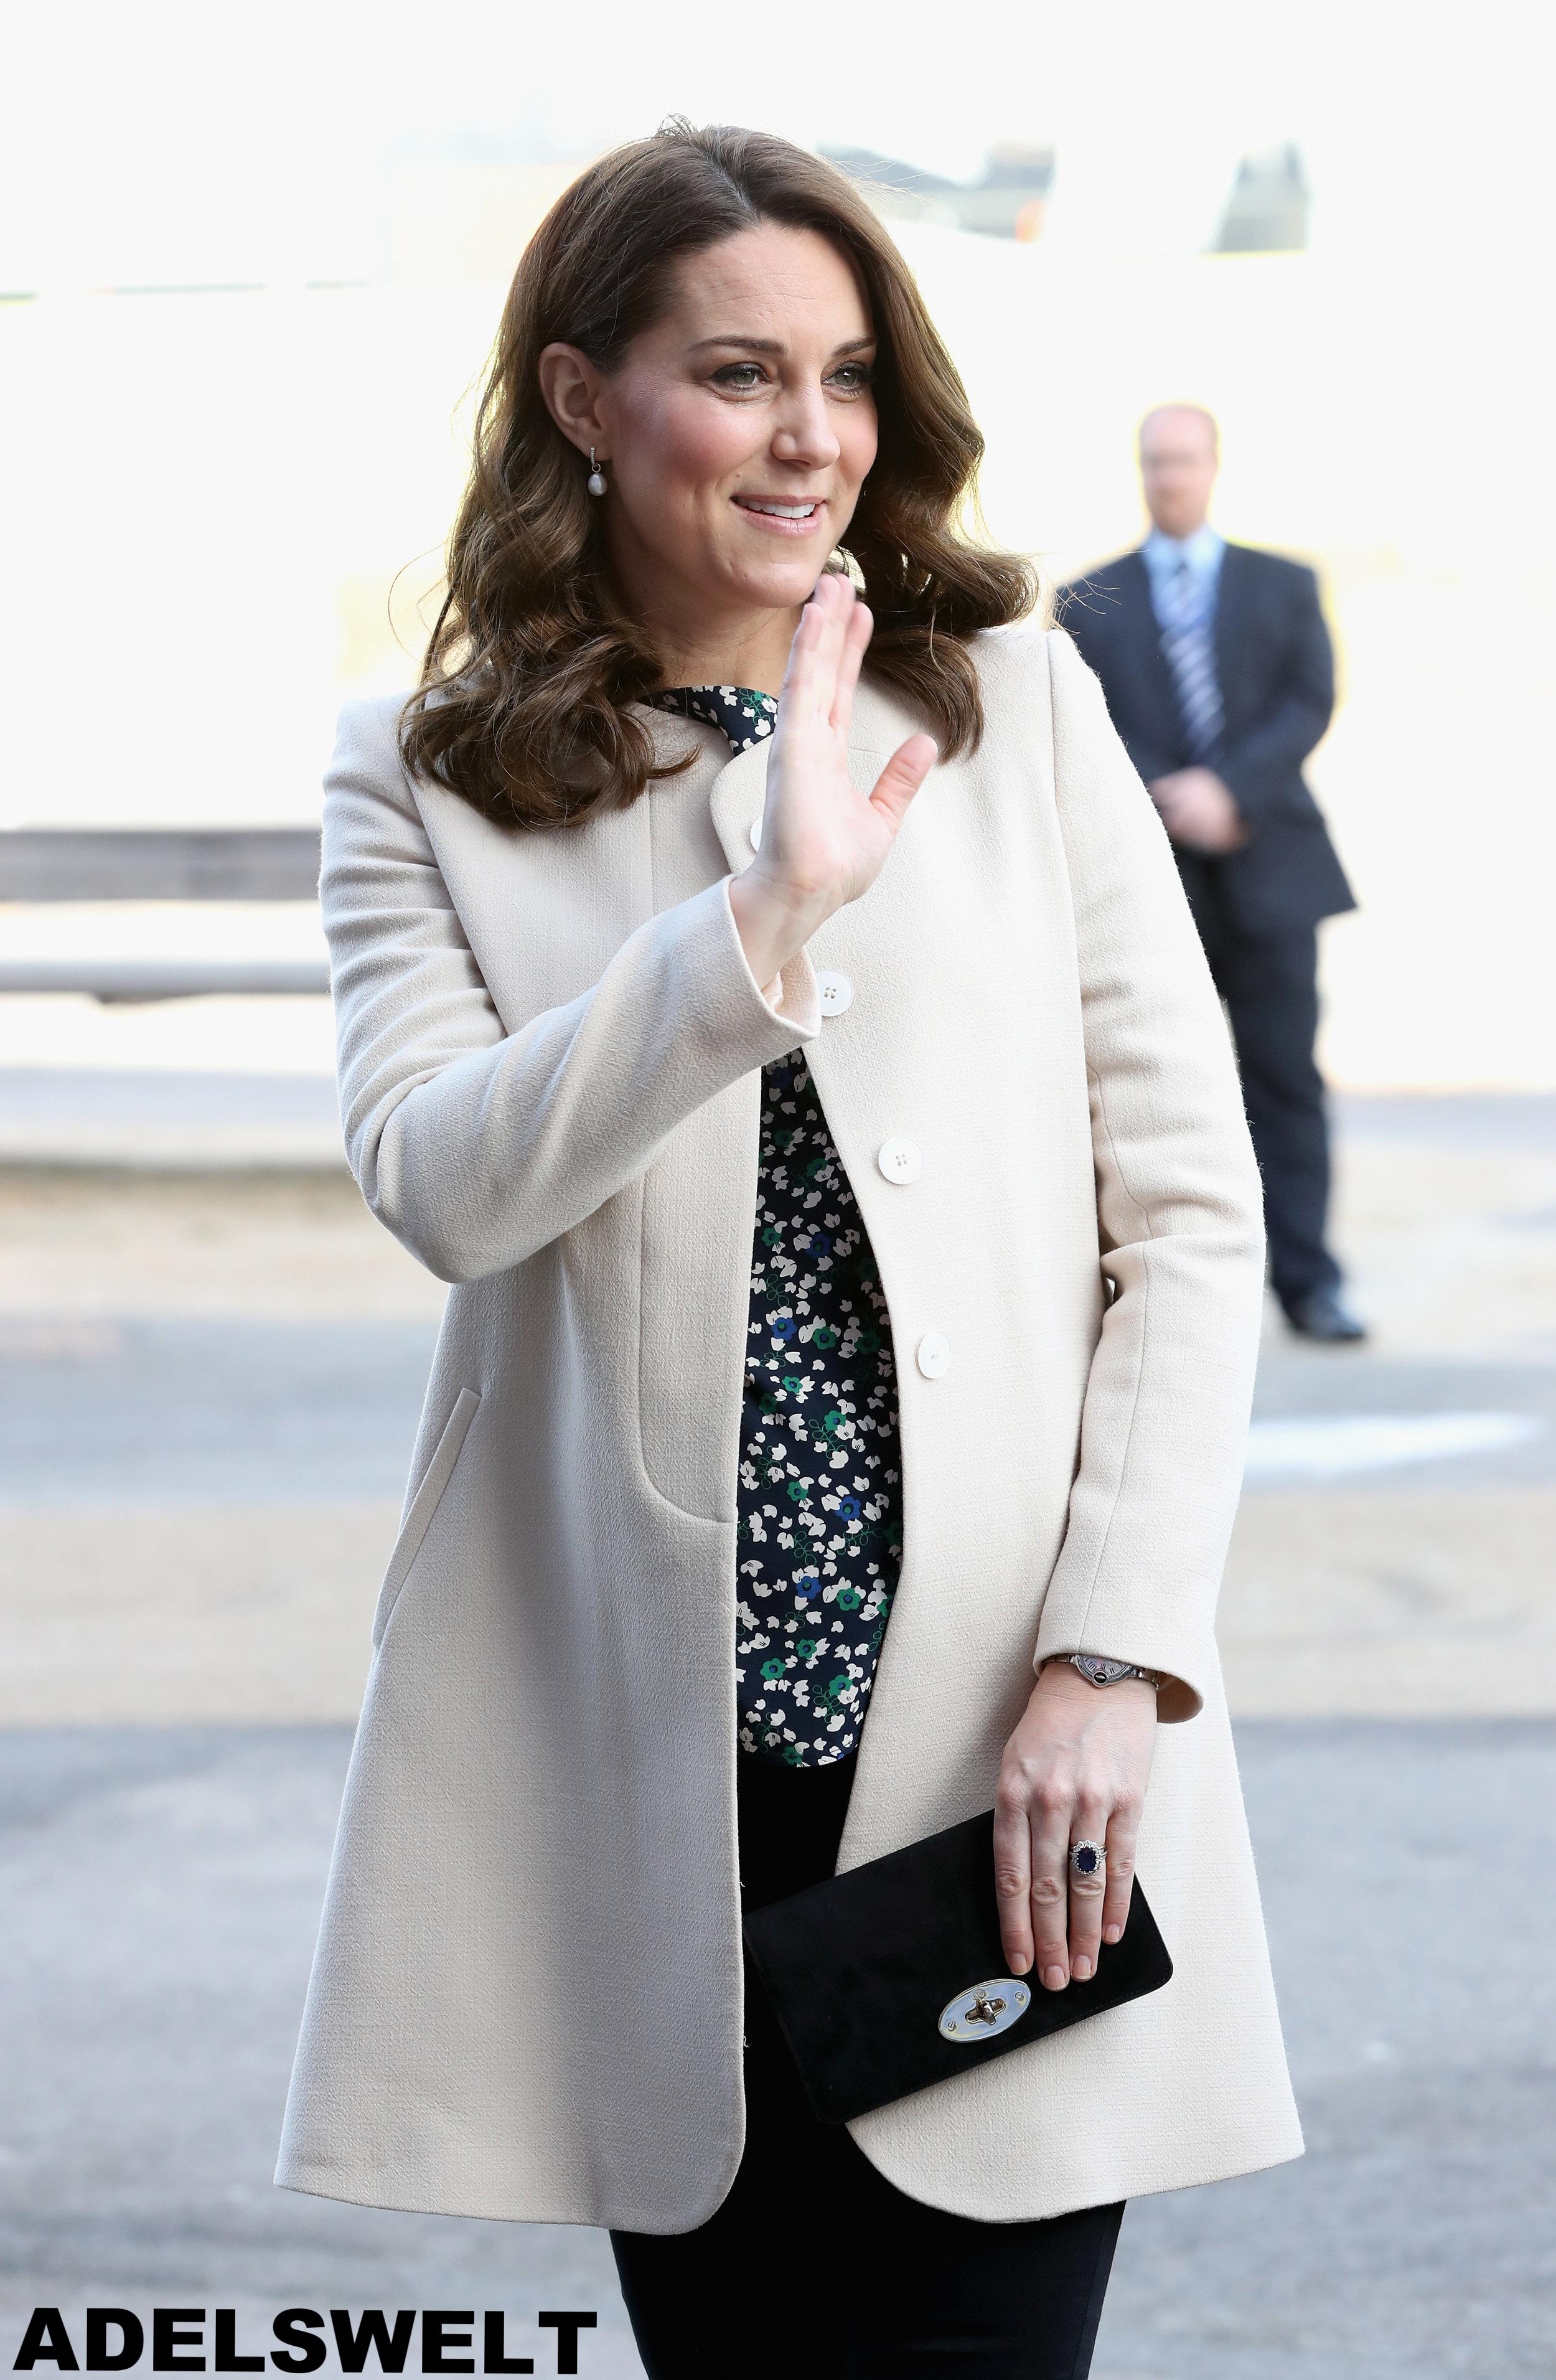 Mit diesem Outfit begeistert Herzogin Kate ihre Fans.    Foto: Getty Images